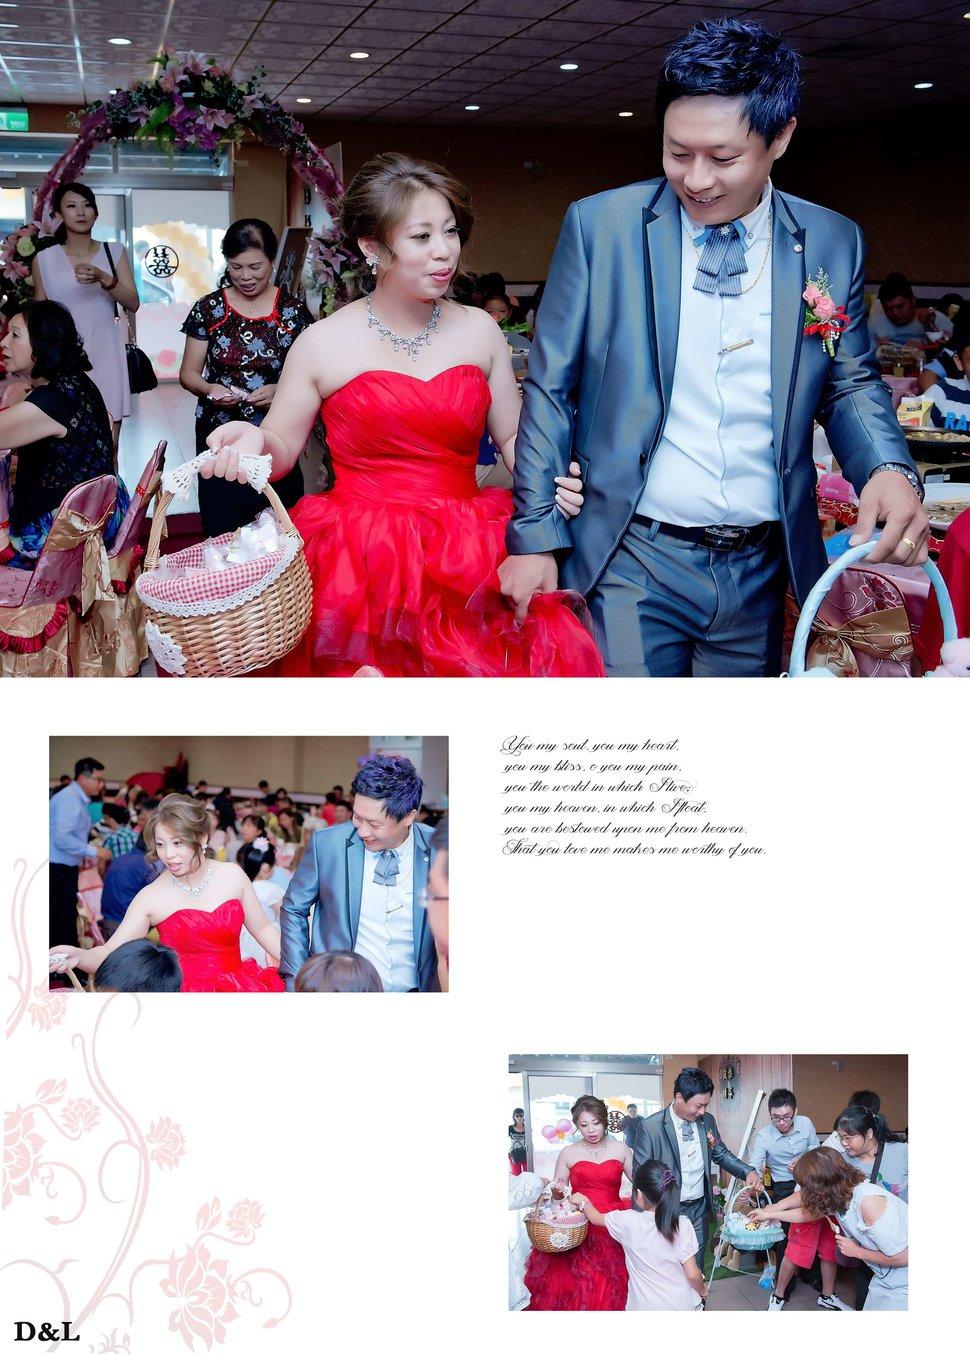 婚禮紀錄-敬添&綉芬(編號:253244) - D&L 婚禮事務-婚紗攝影/婚禮記錄 - 結婚吧一站式婚禮服務平台